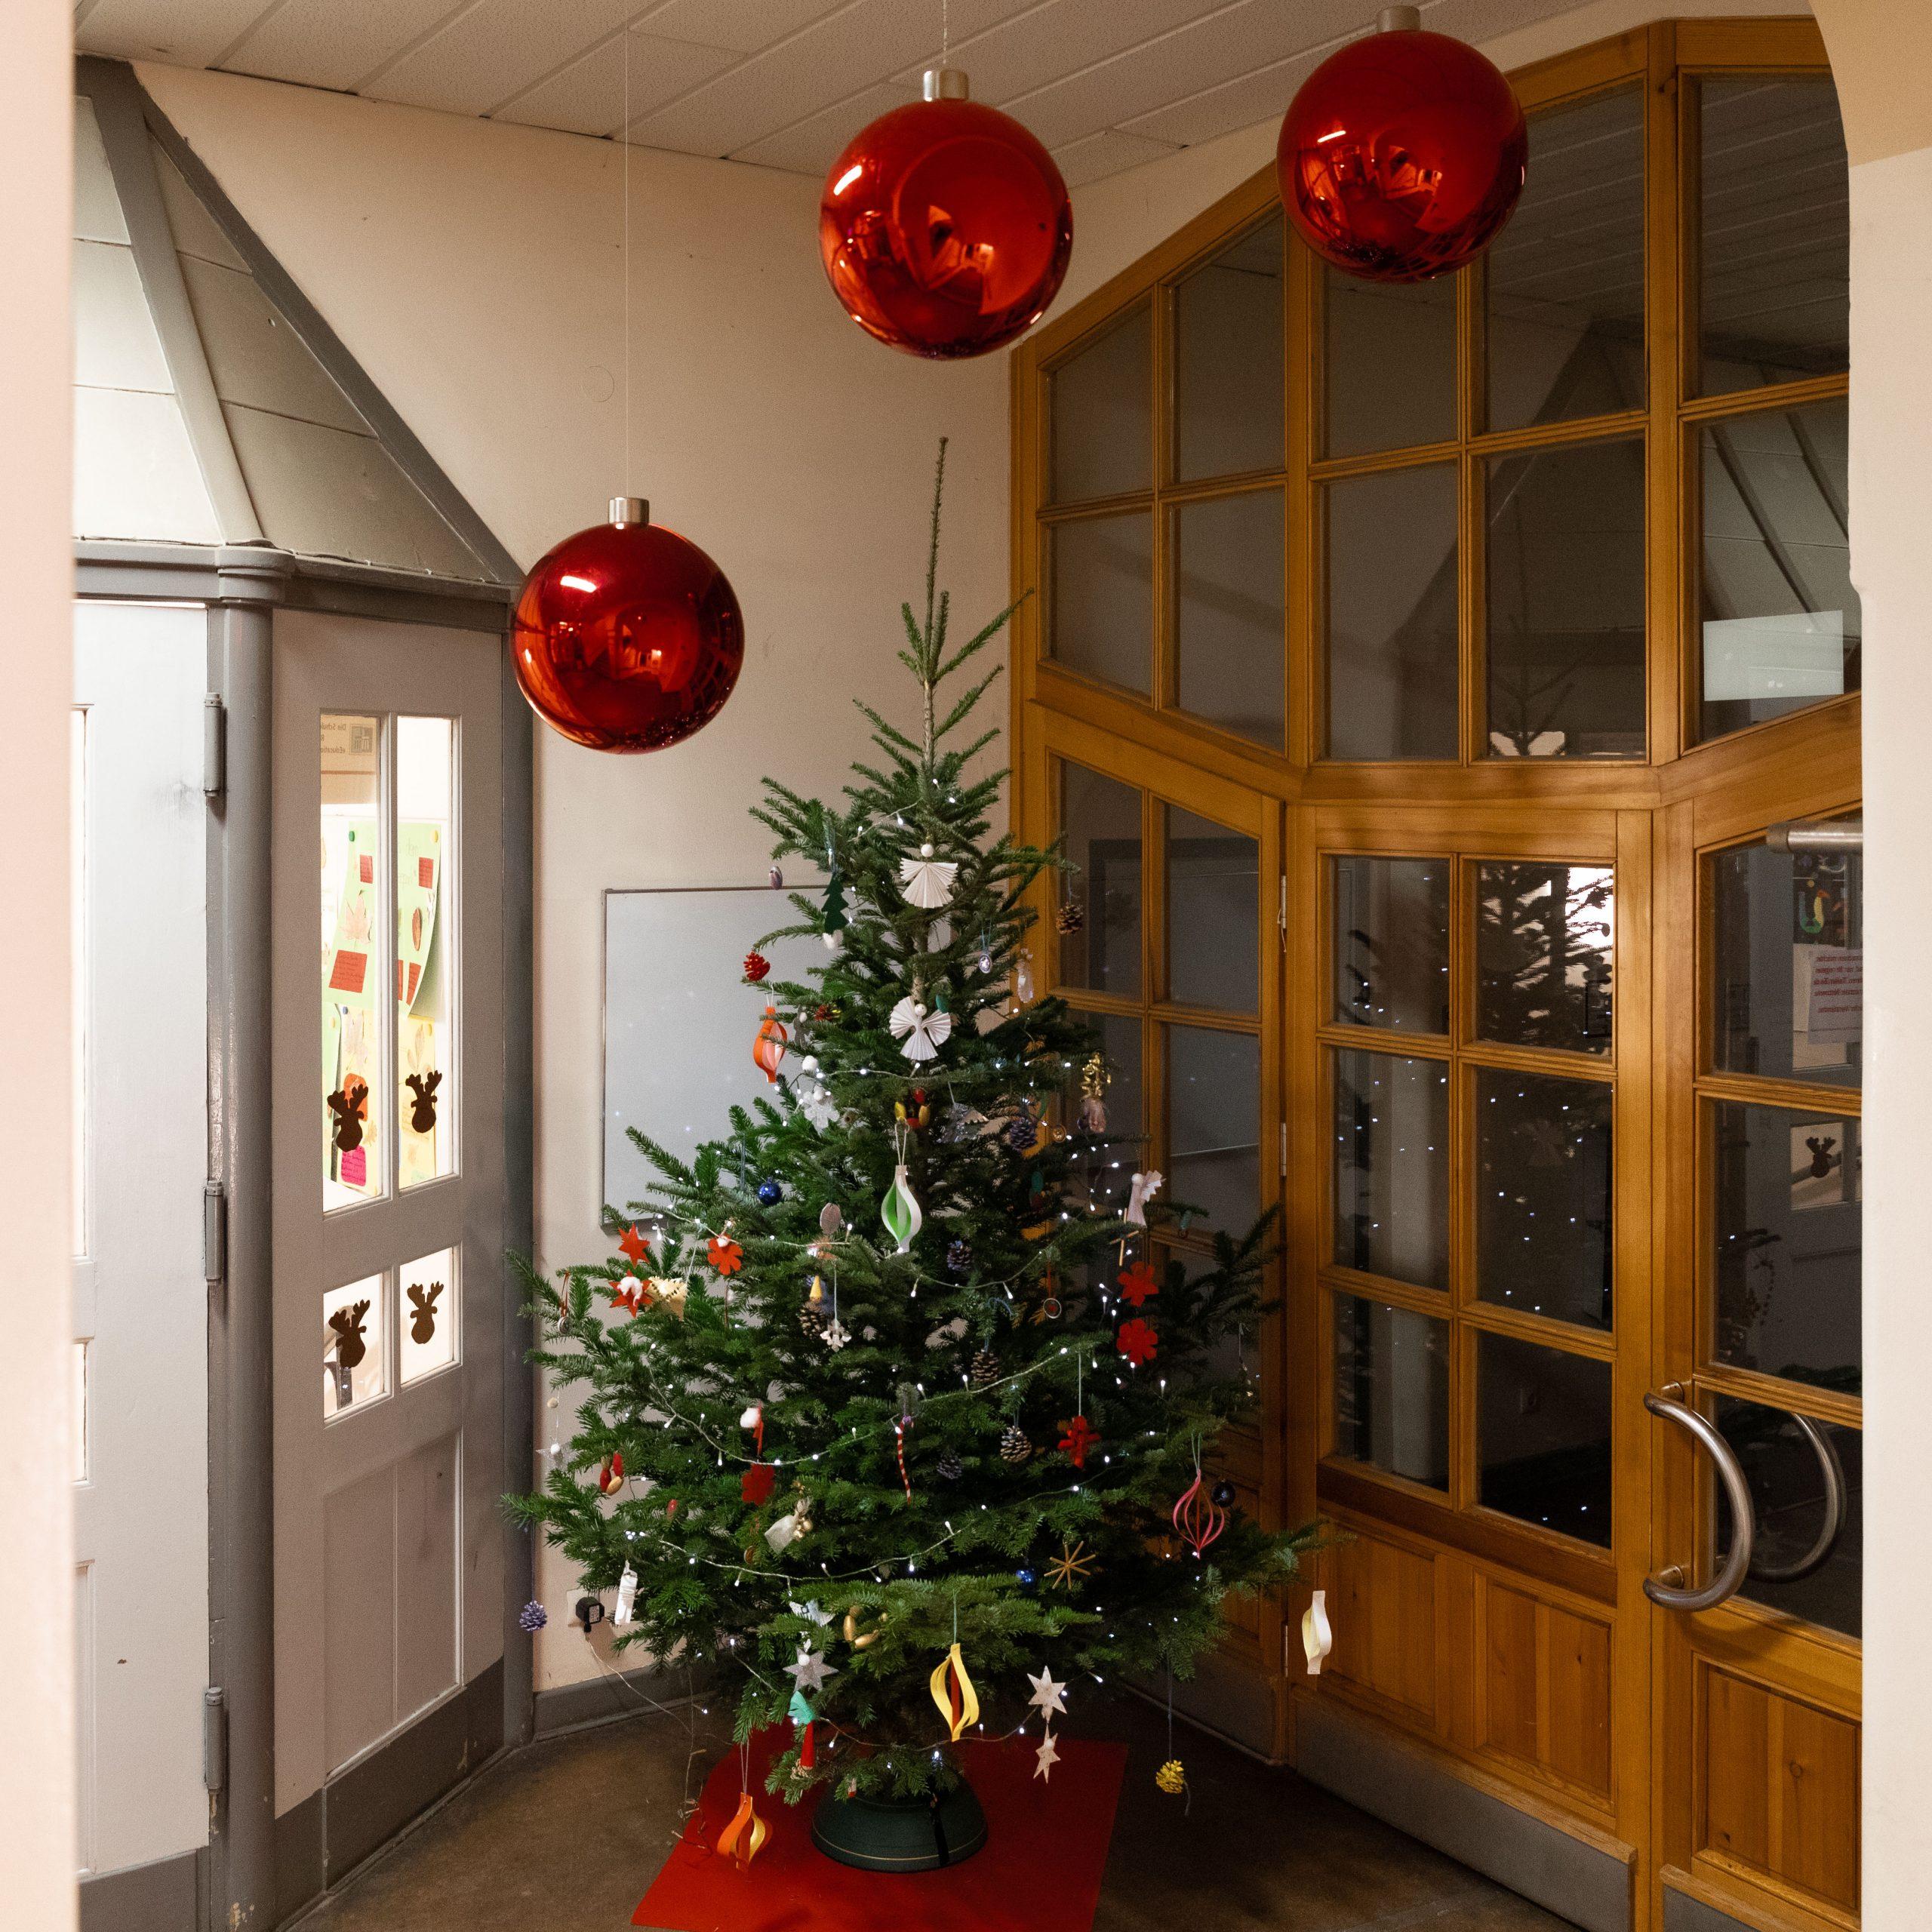 Der Weihnachtsbaum im Eingangsbereich der Lietzensee-Grundschule Berlin. © Juergen Arne Klein